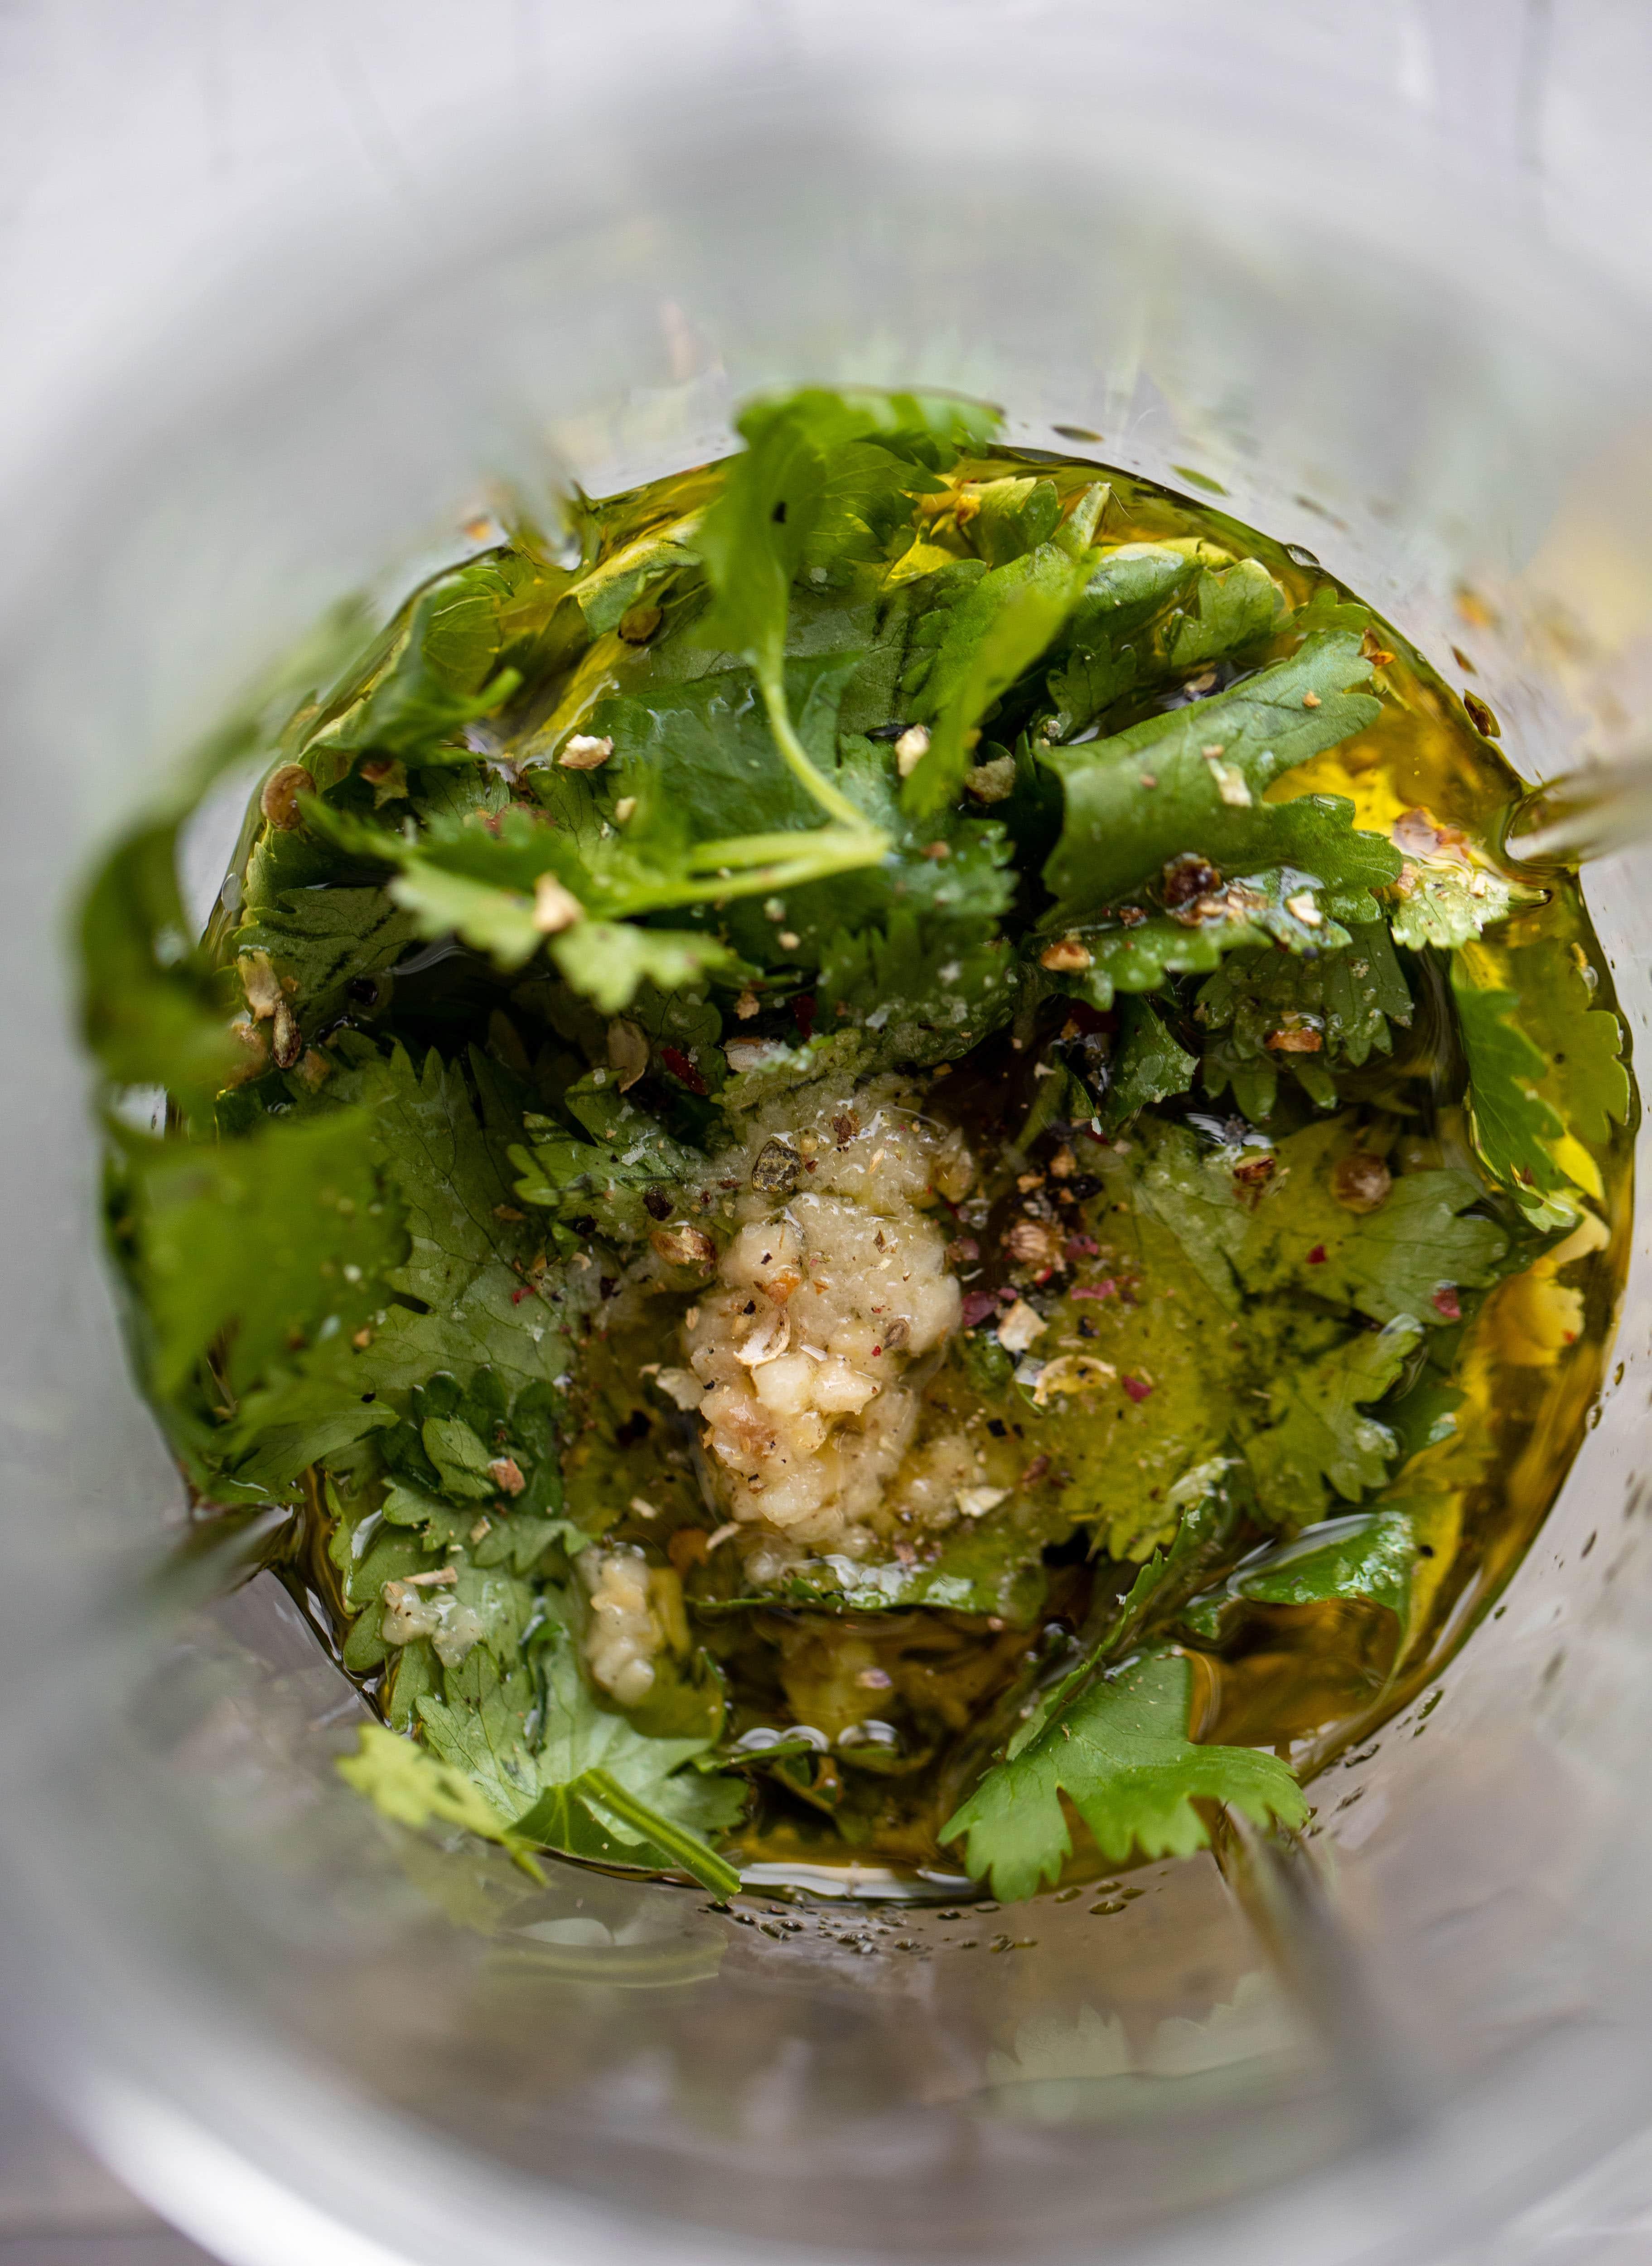 cilantro lime marinade ingredients